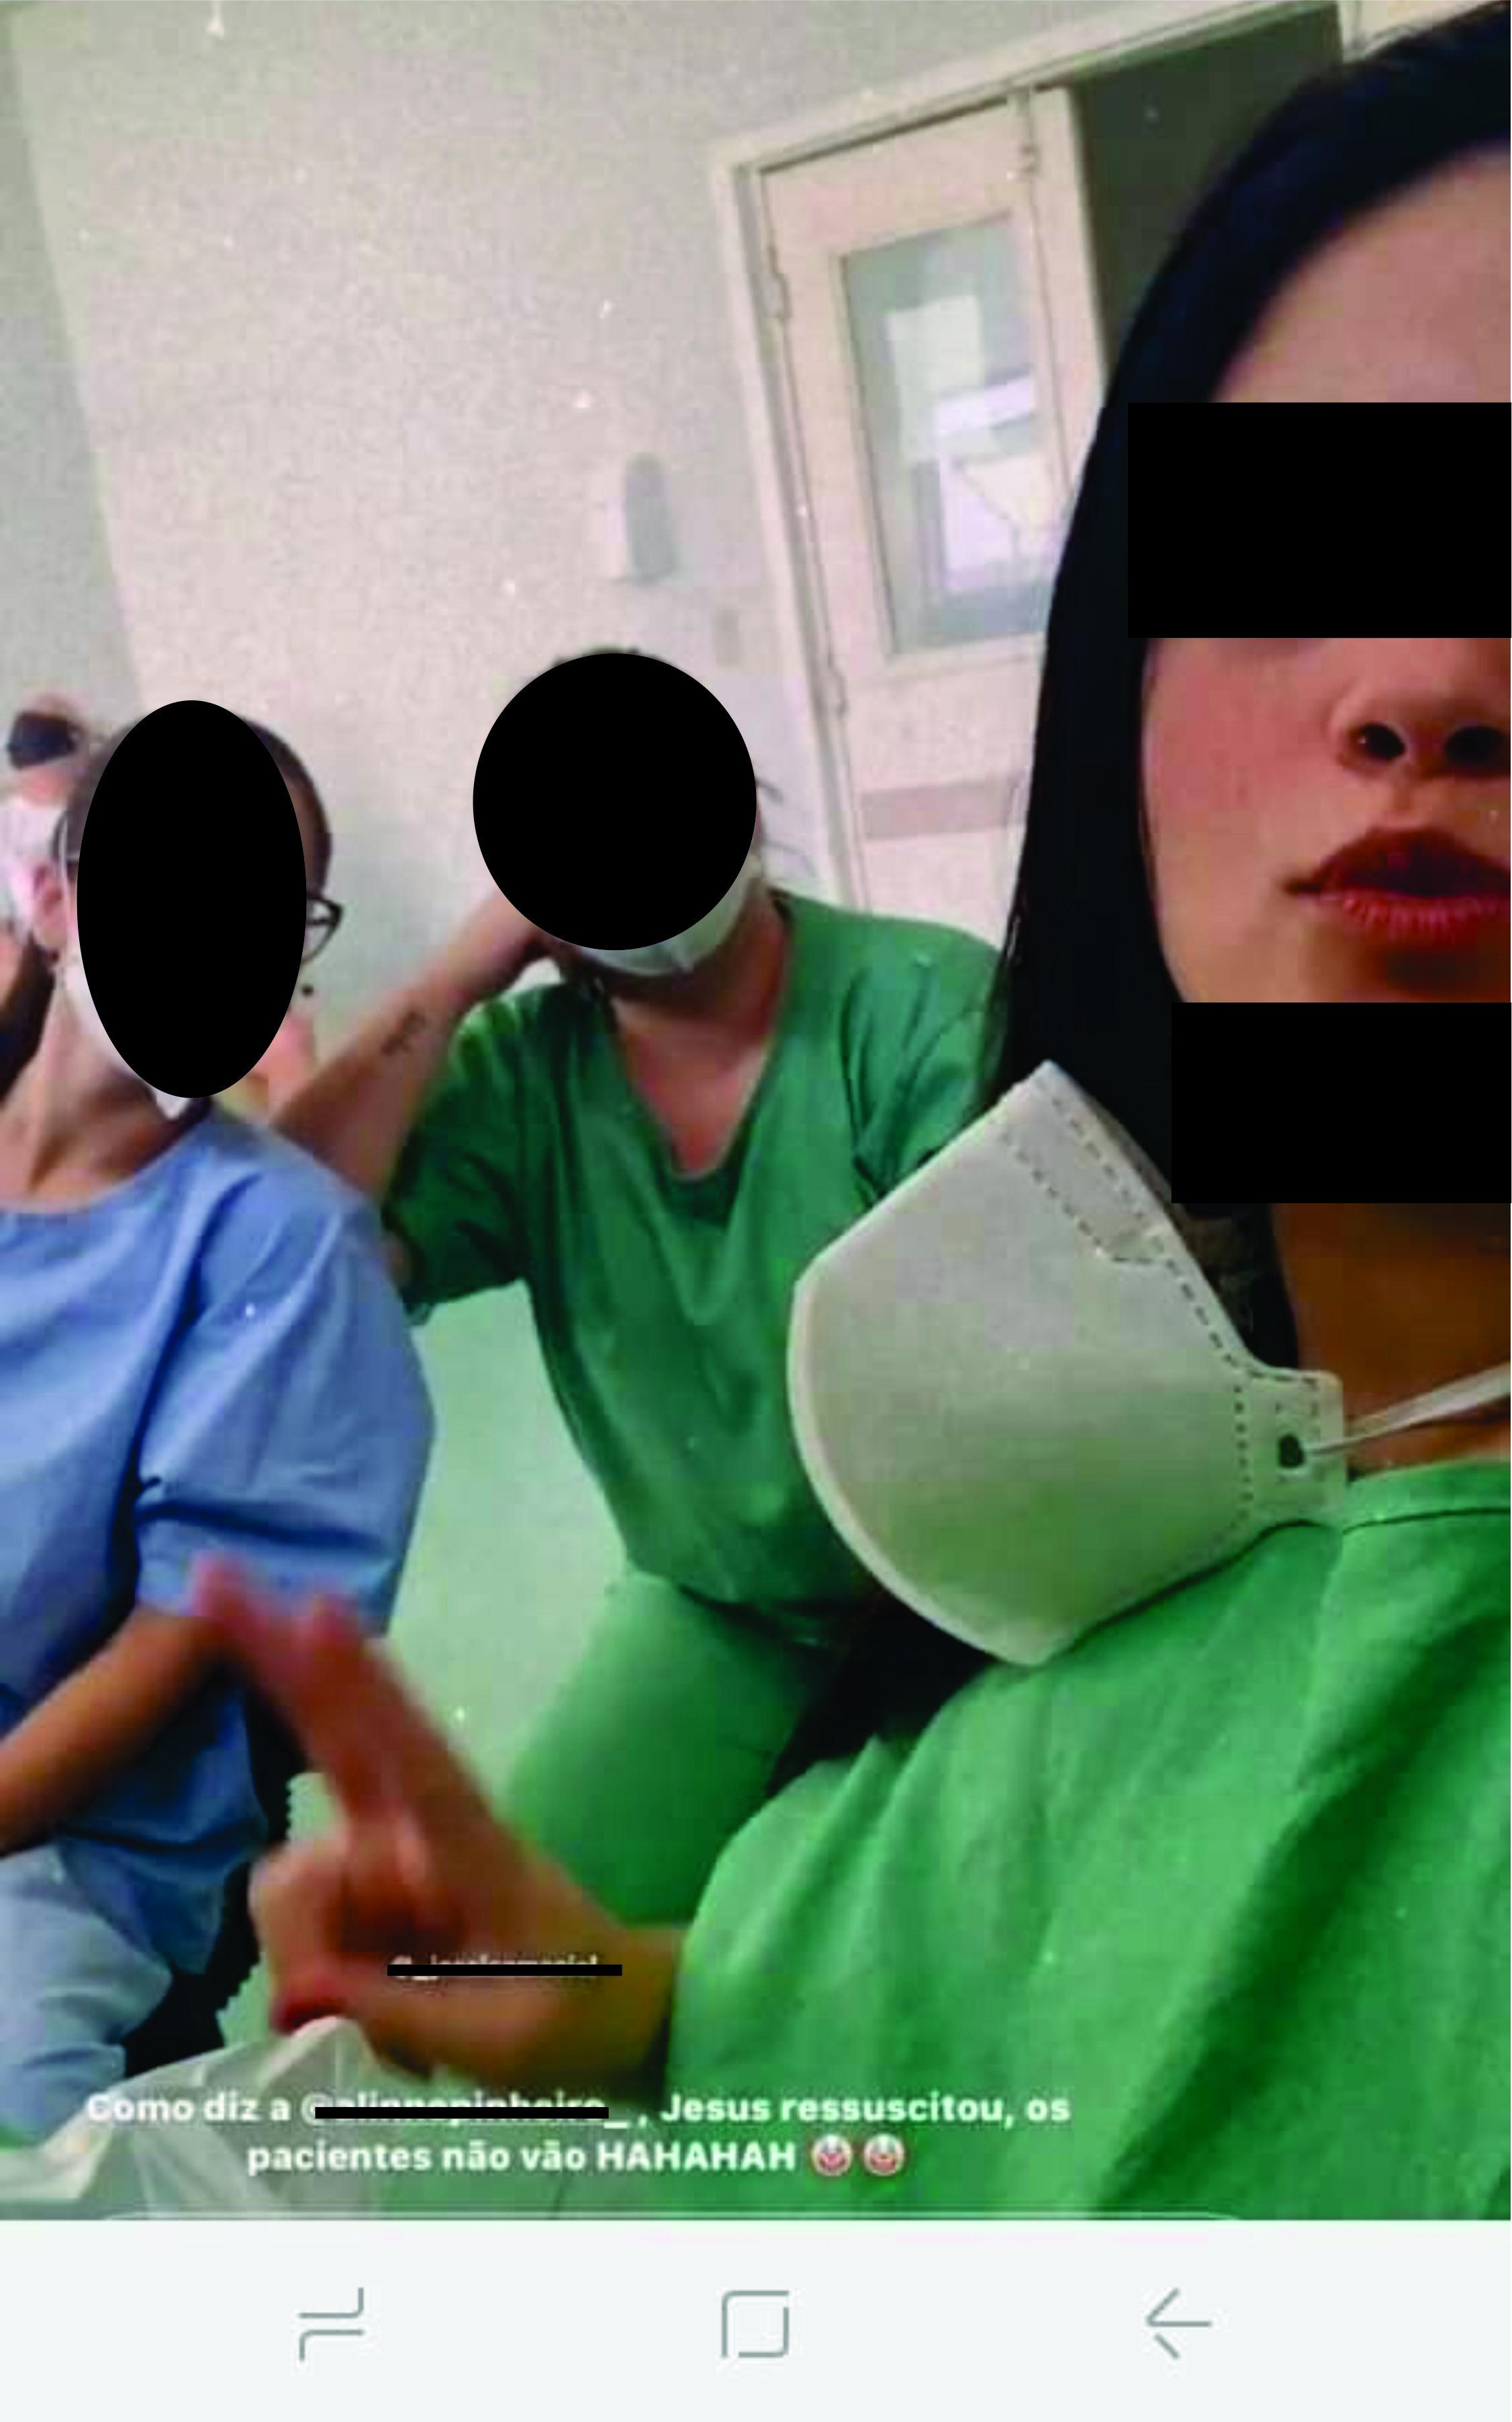 Auxiliares de enfermagem são descobertas falando mal e debochando de pacientes de COVID-19 pelo WhatsApp